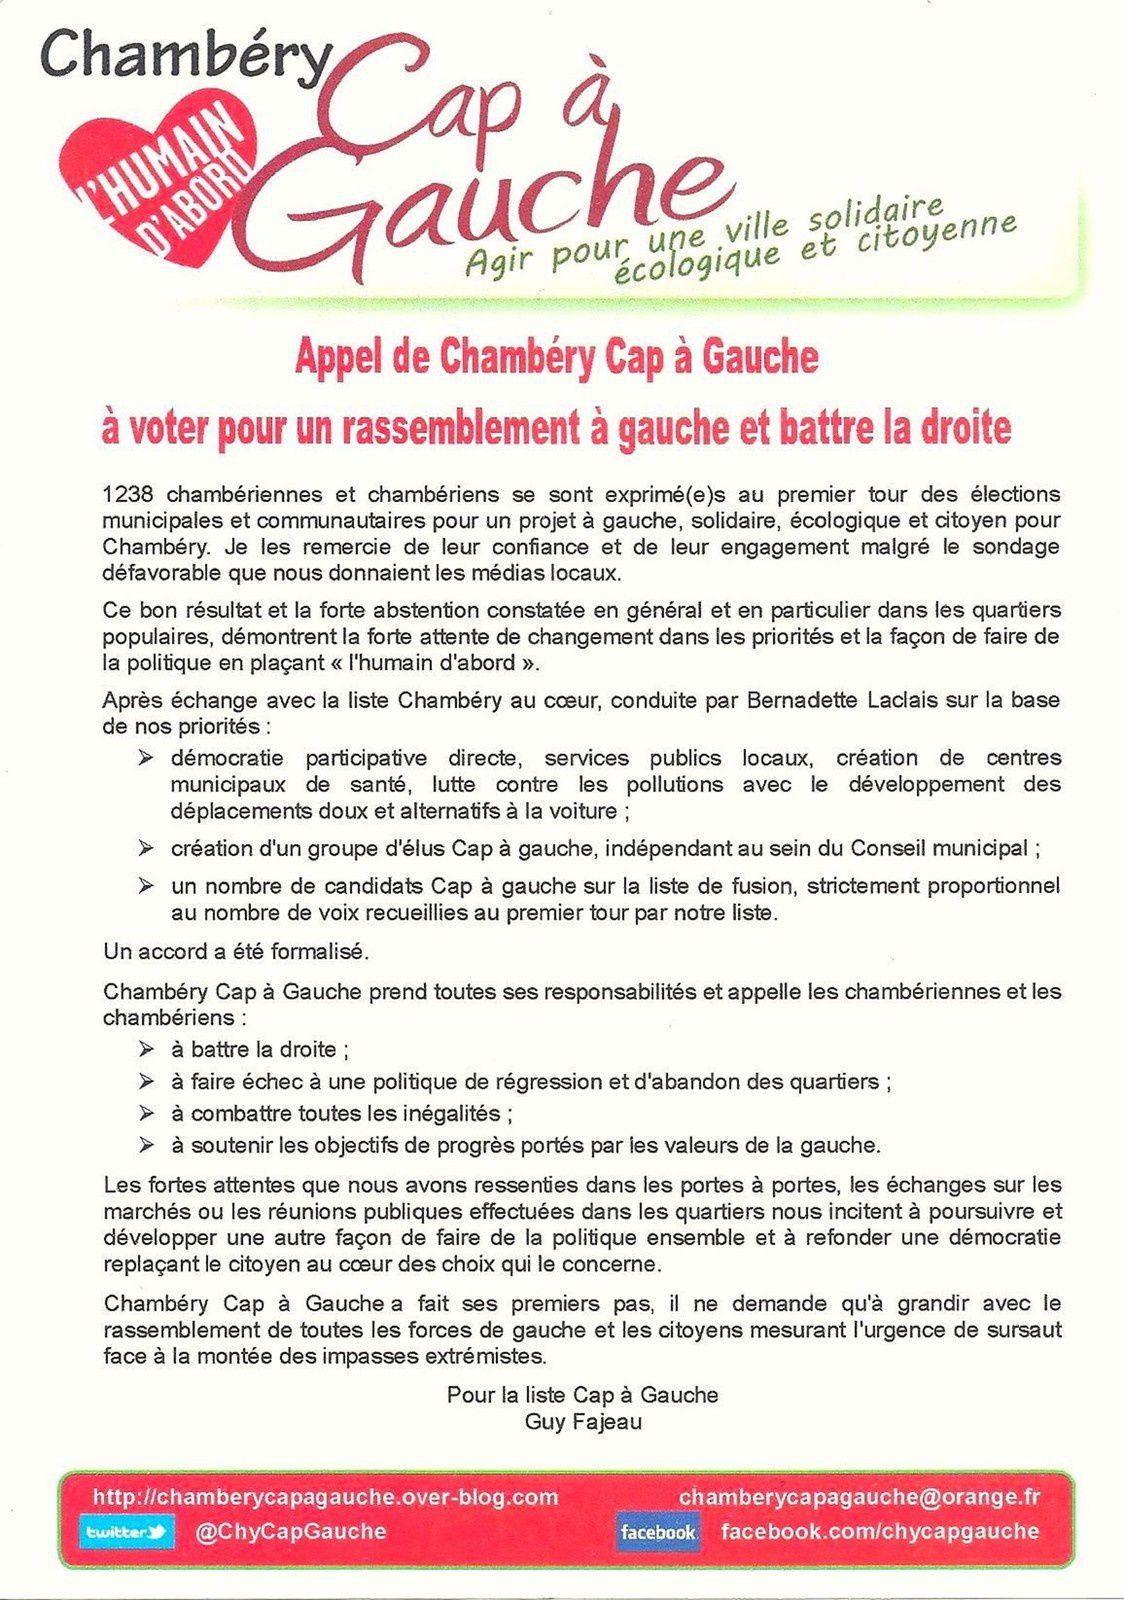 Déclaration de Guy Fajeau au nom de Chambéry Cap à Gauche :